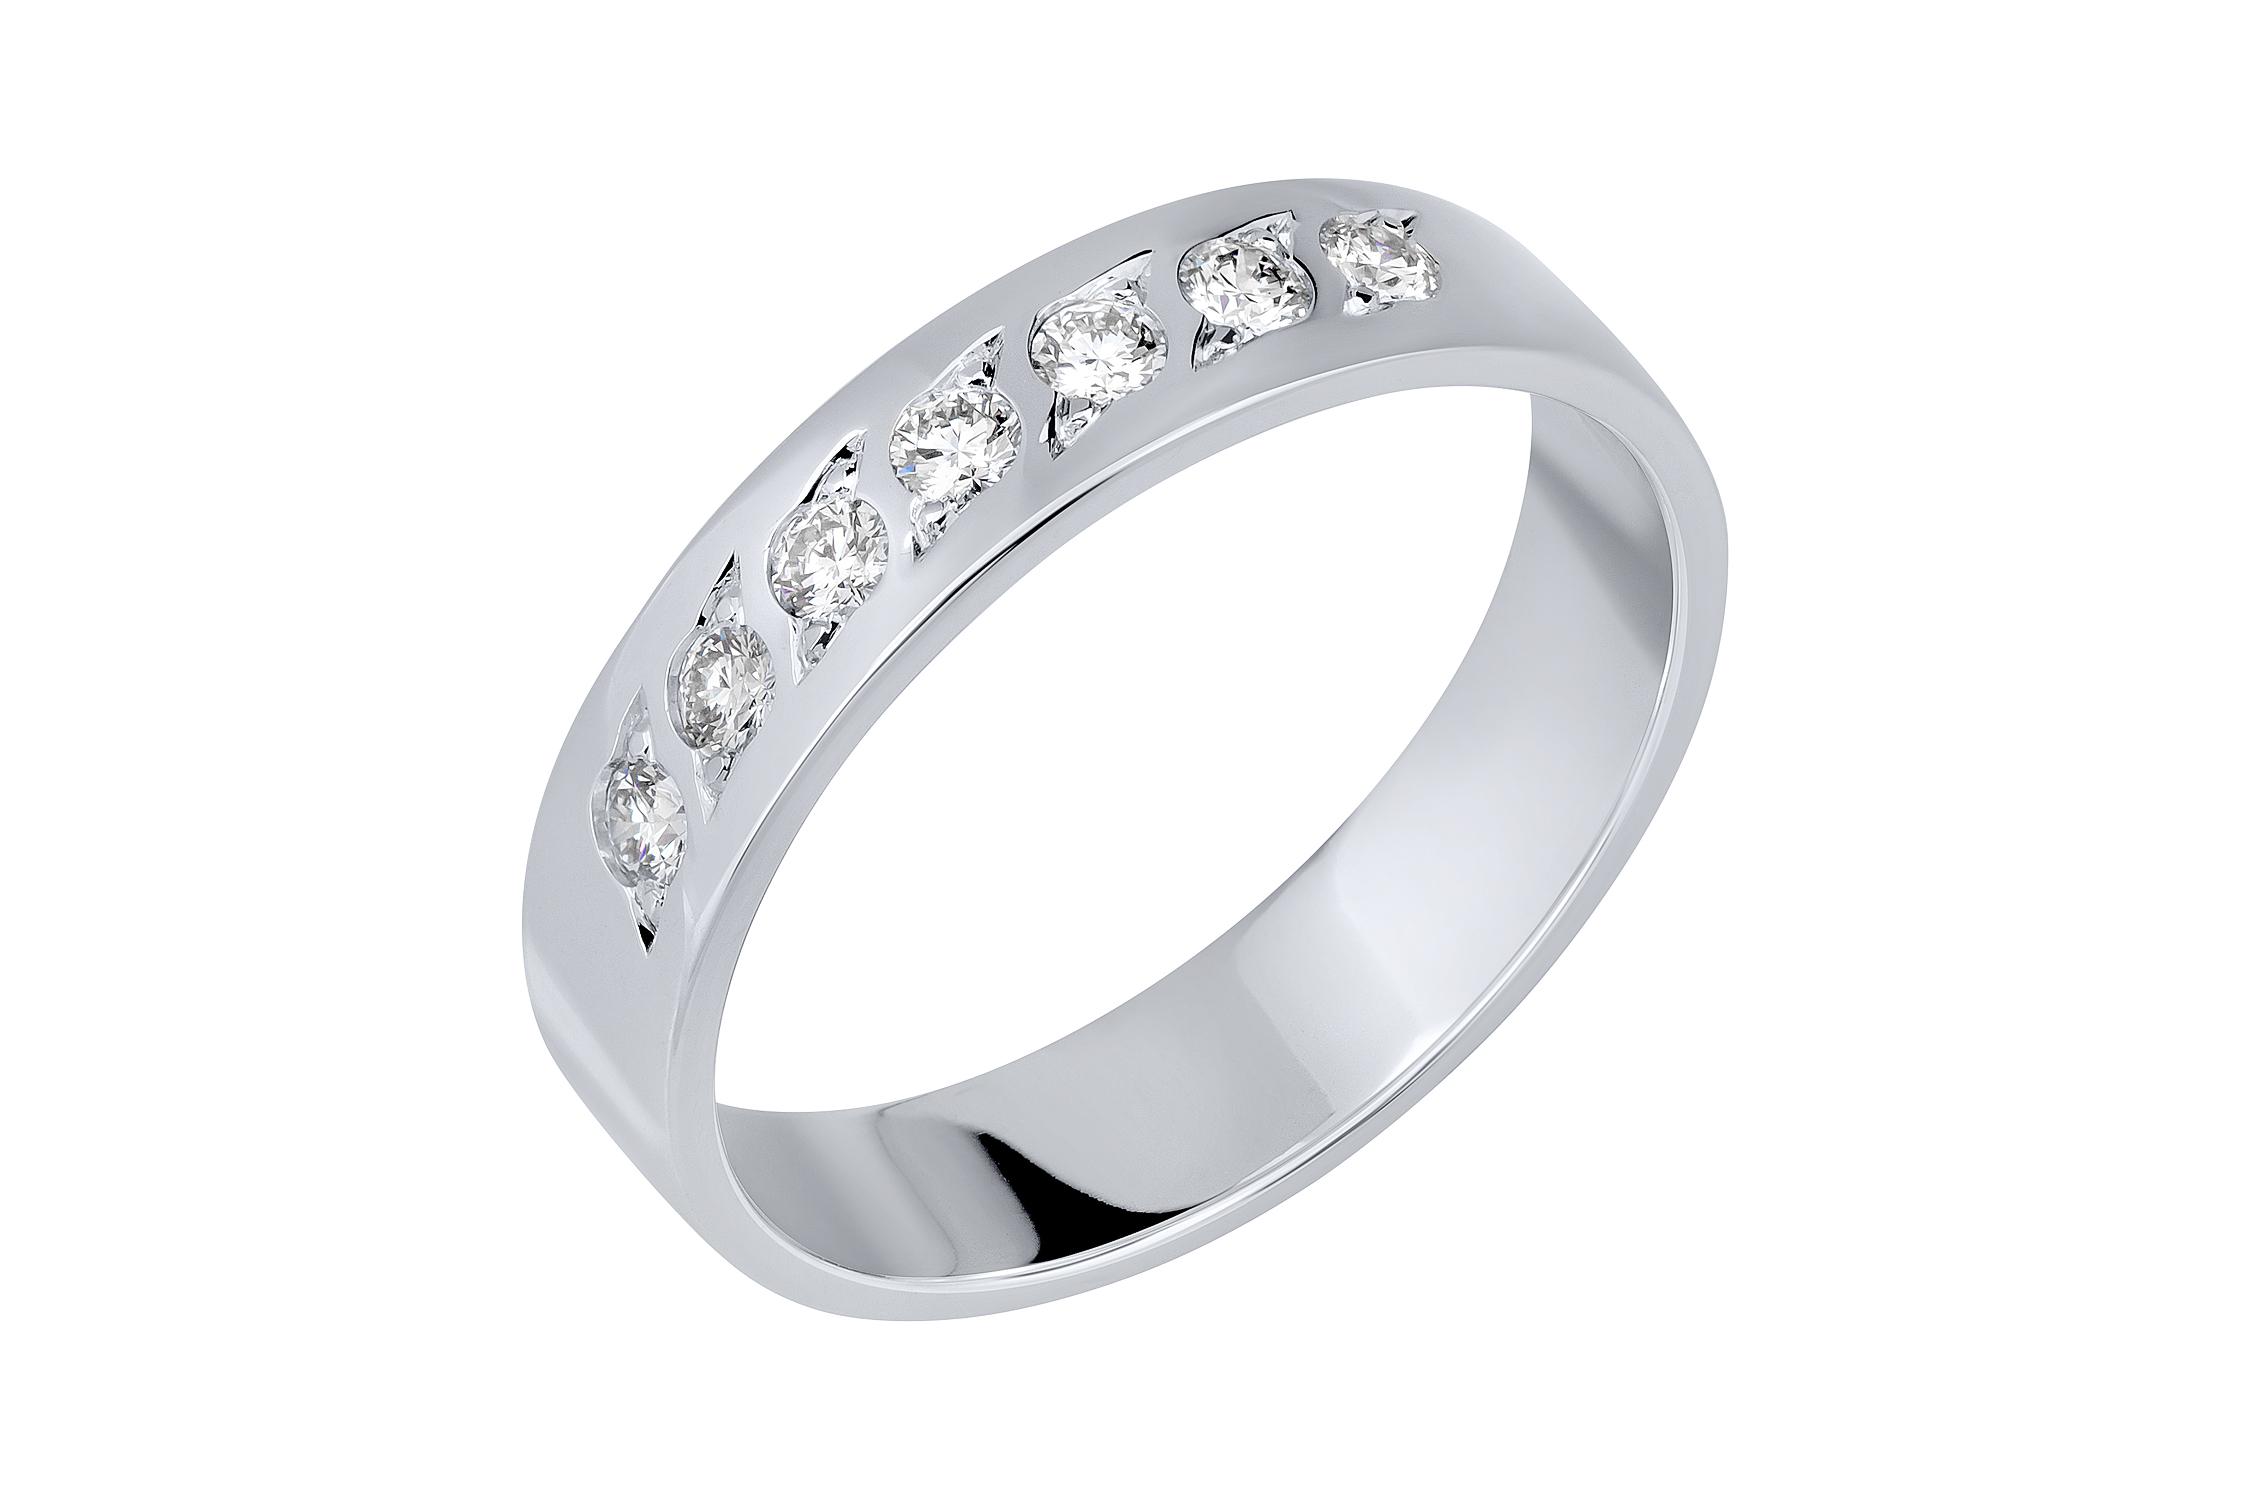 Обручальное кольцо из белого золота с бриллиантом арт. 91273-1 91273-1